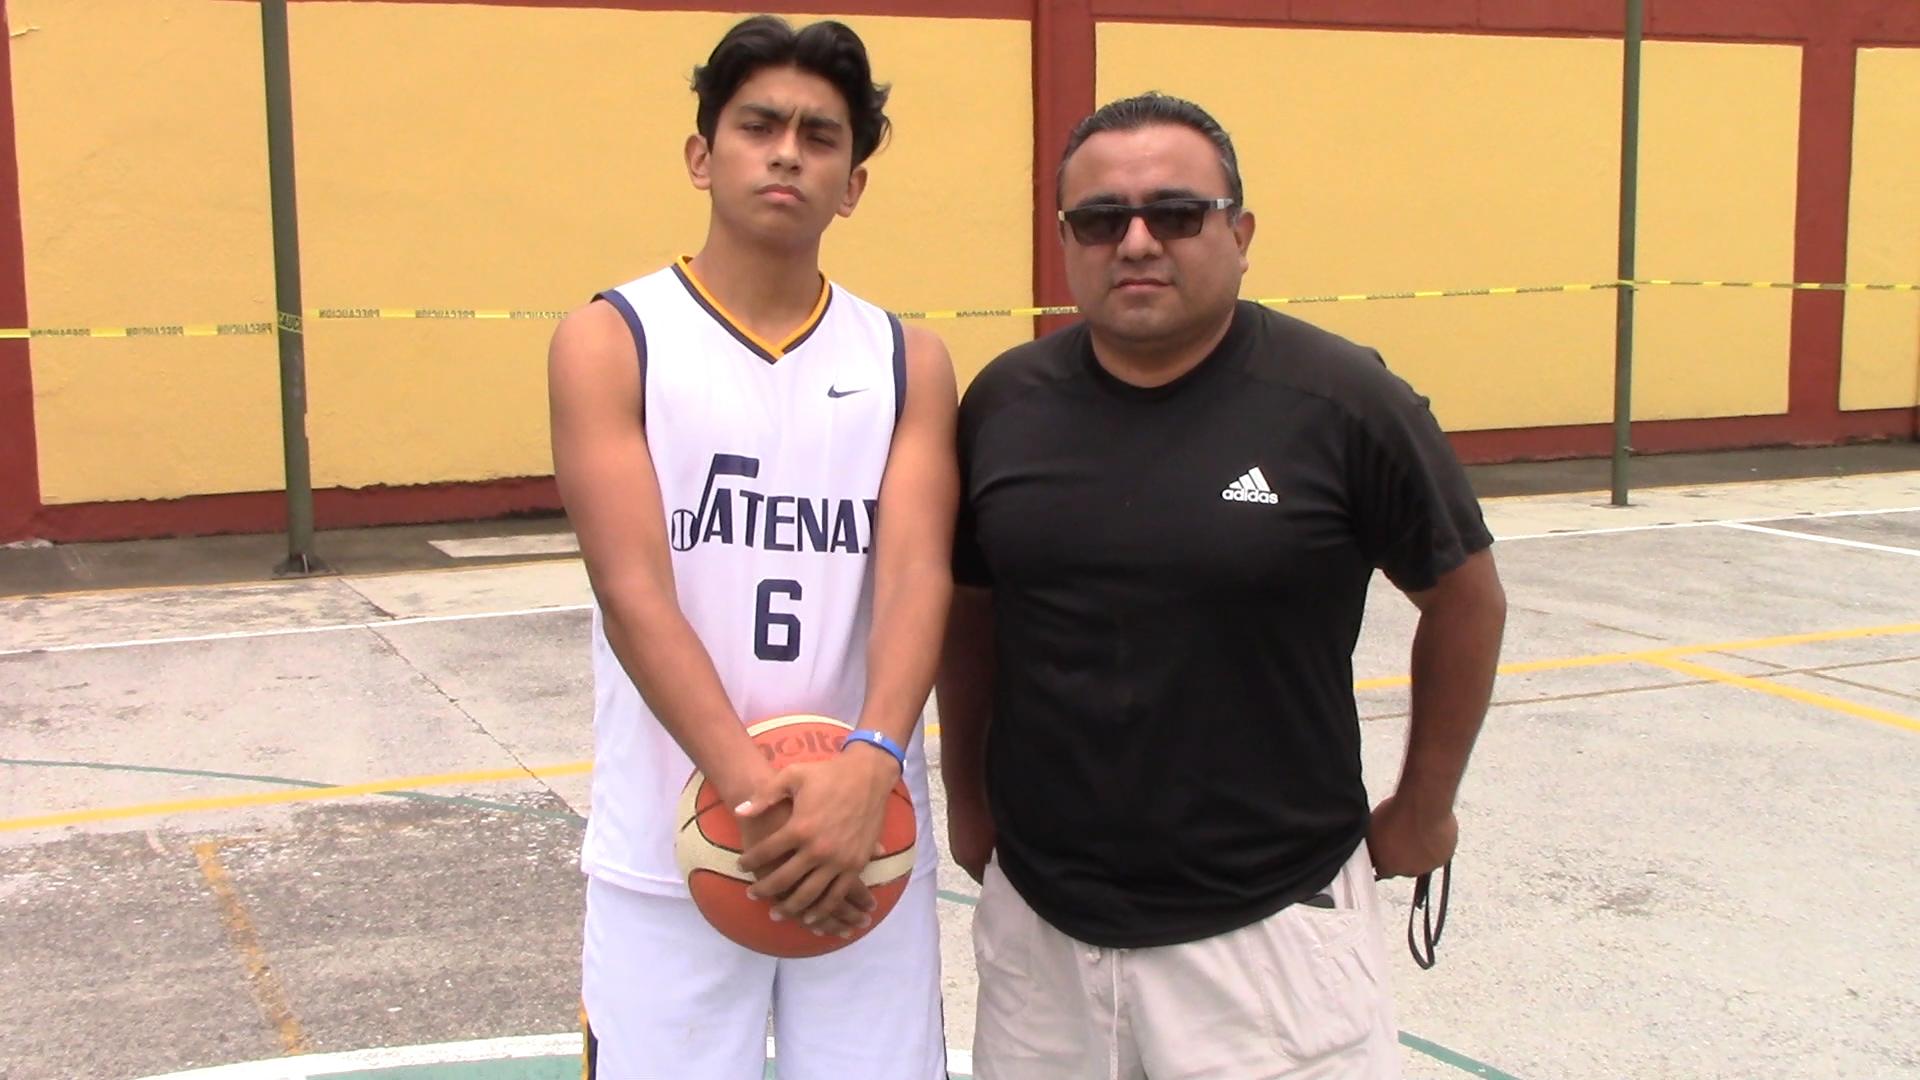 Se promueven talentos del basquetbol de Orizaba en otros estados